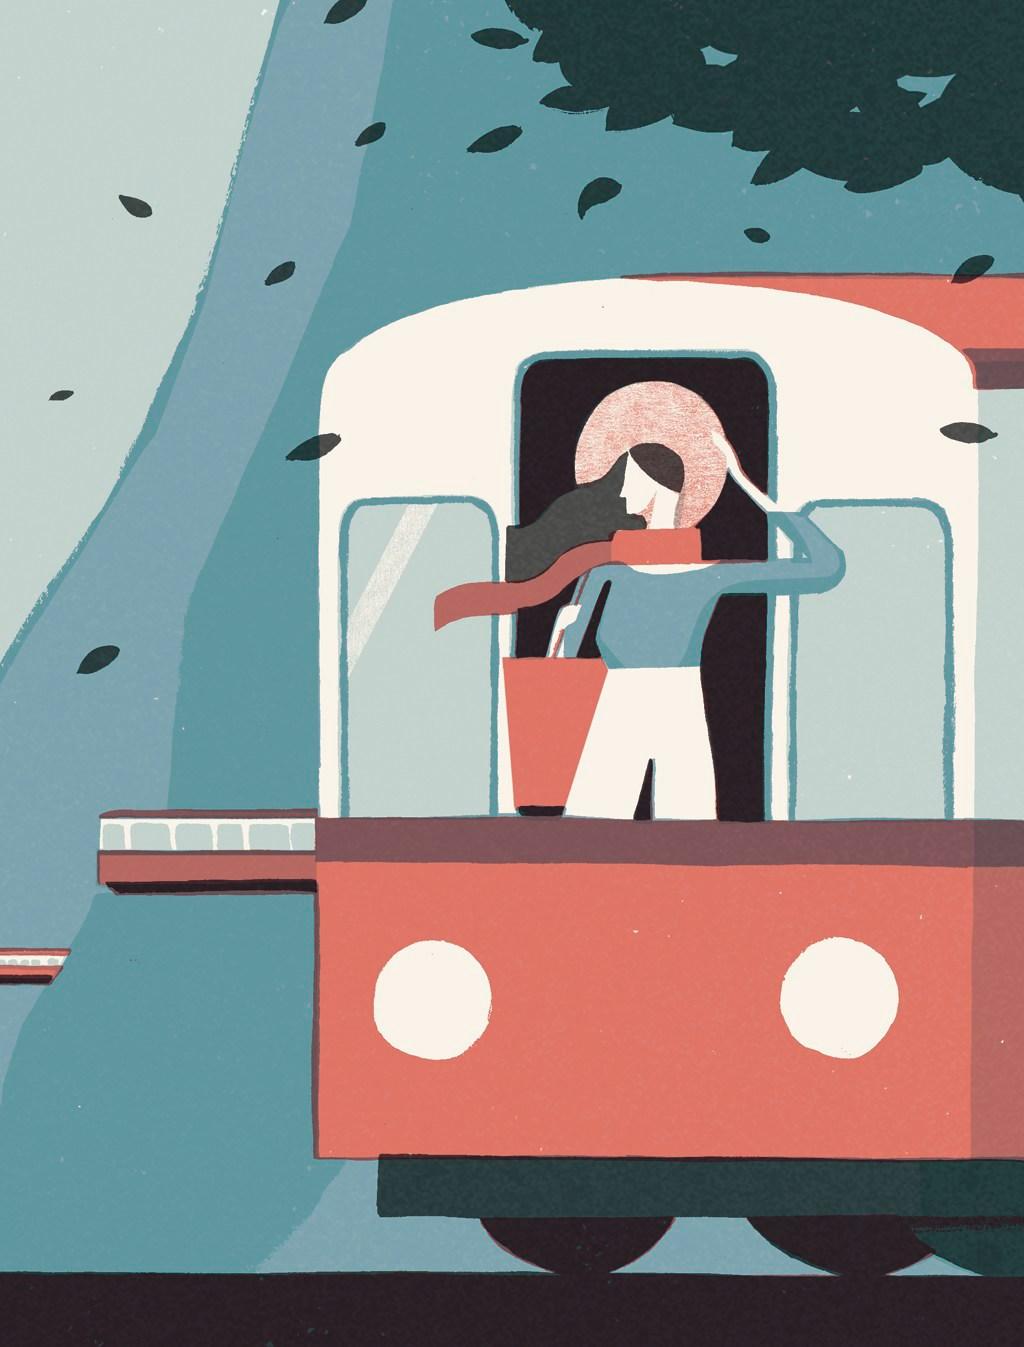 David Doran trasforma idee in bellissime illustrazioni | Collater.al 3